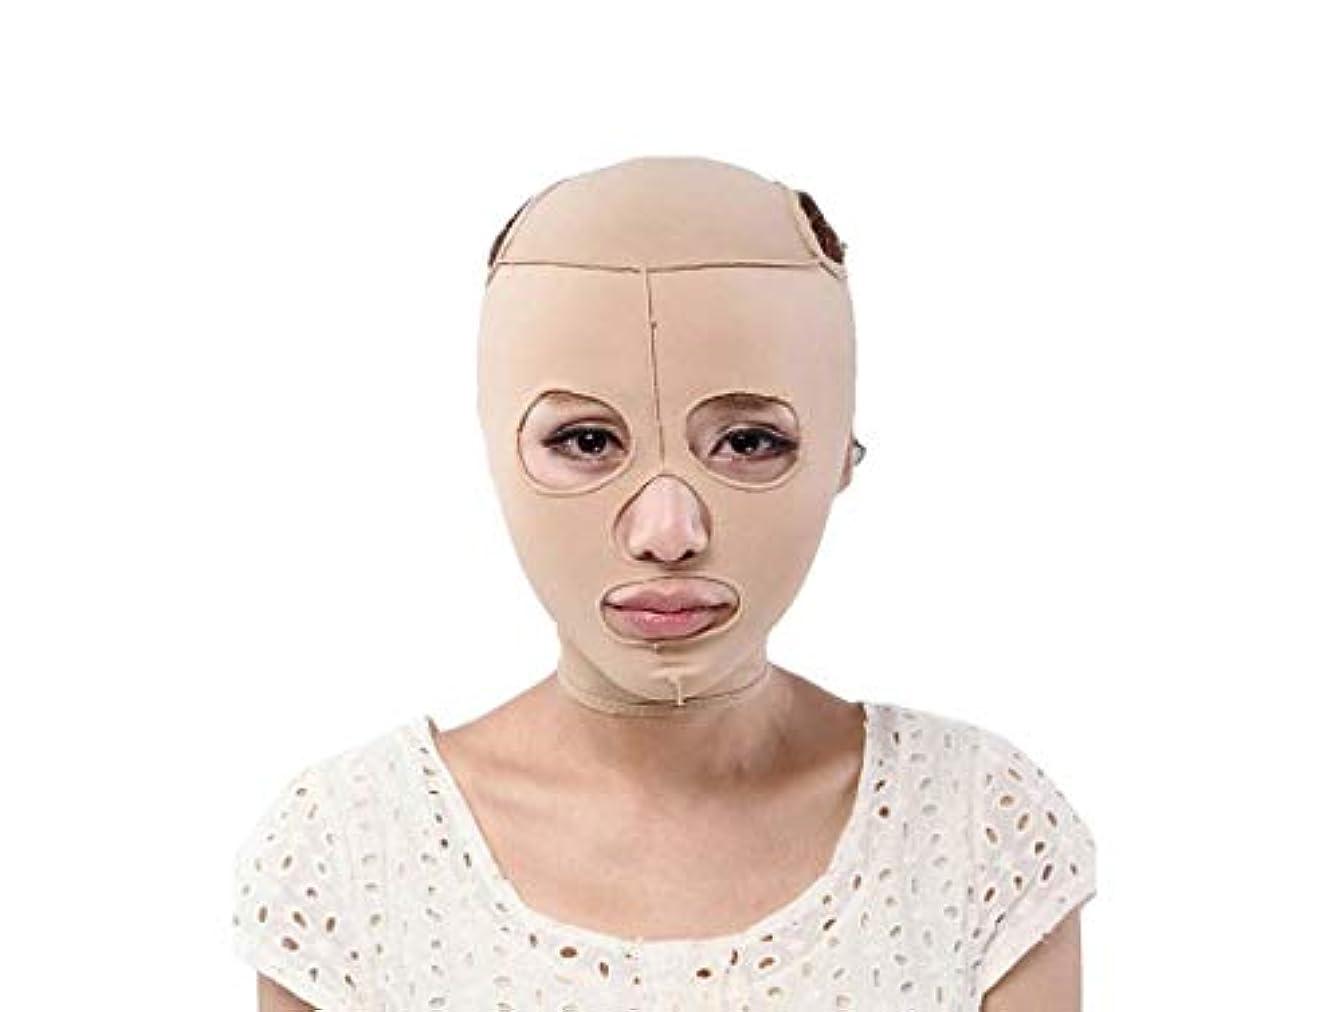 平らにするライド頬スリミングベルト、フェイスマスクシンフェイスインストゥルメントリフティングファーミングVフェイス男性と女性フェイスリフティングステッカーダブルチンフェイスリフティングフェイスマスク包帯フェイシャルマッサージ(サイズ:Xl),S